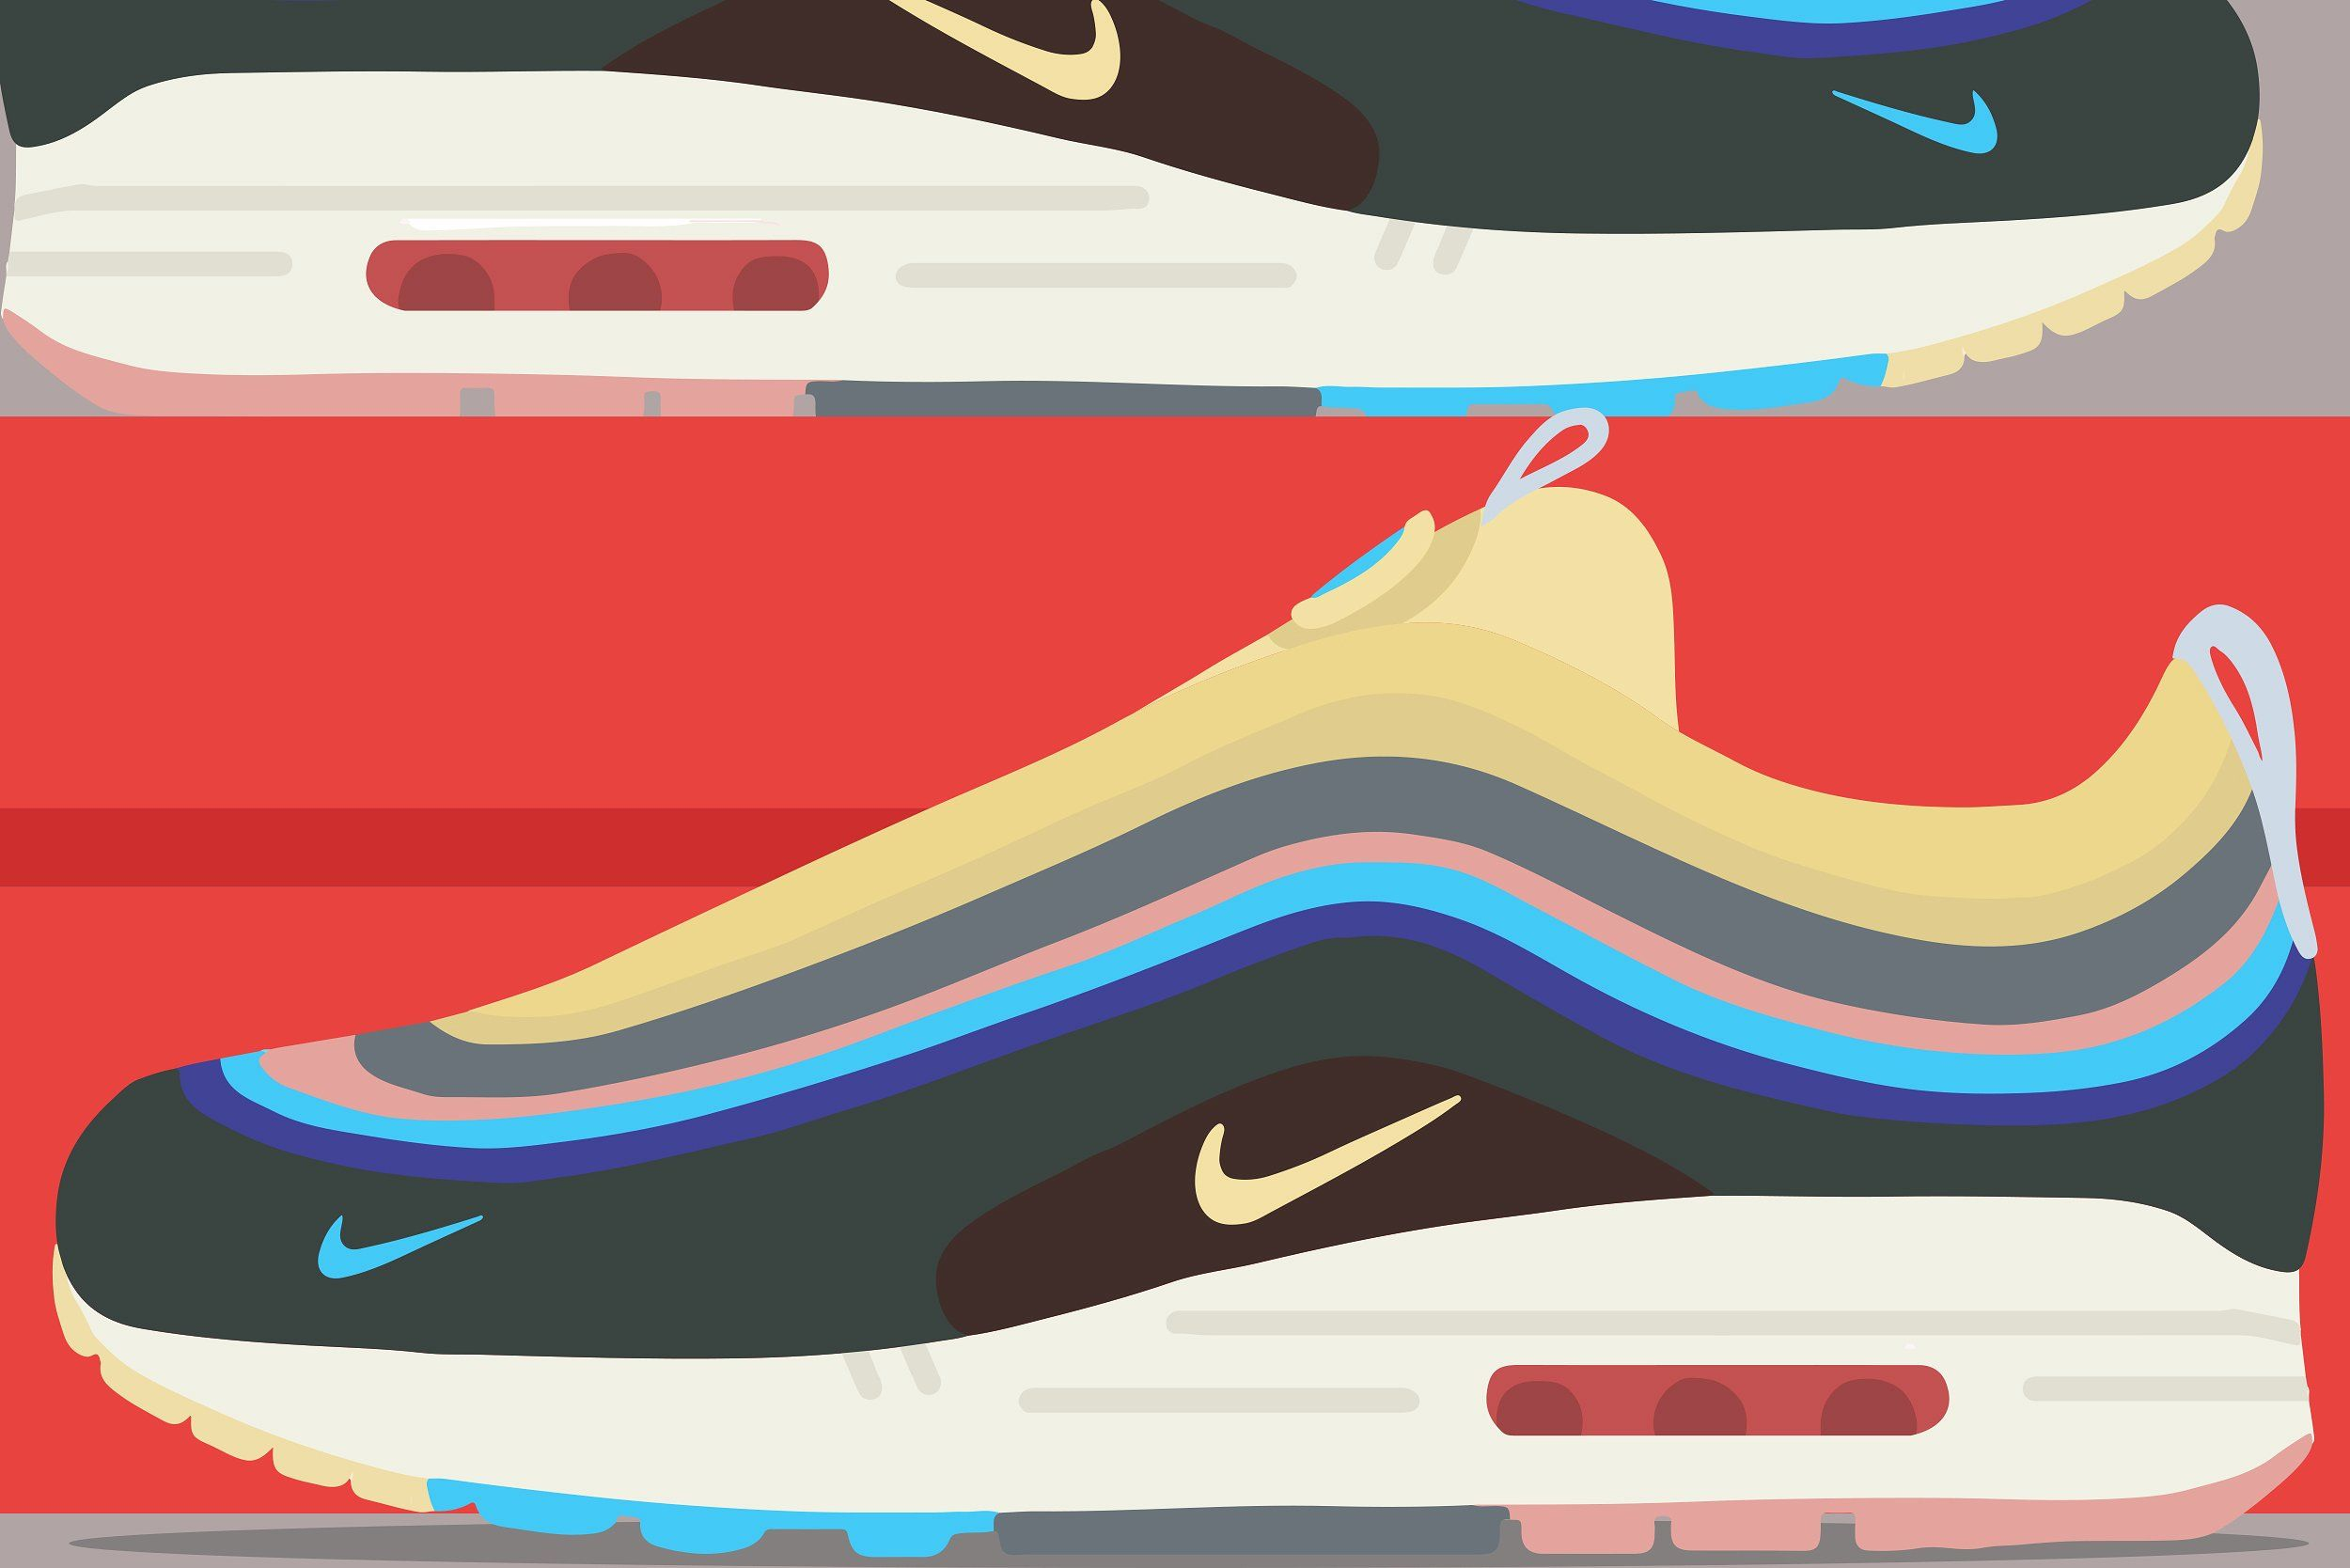 Nike Air Max 97 1 Max Air Wotherspoon Sean Air Max 97